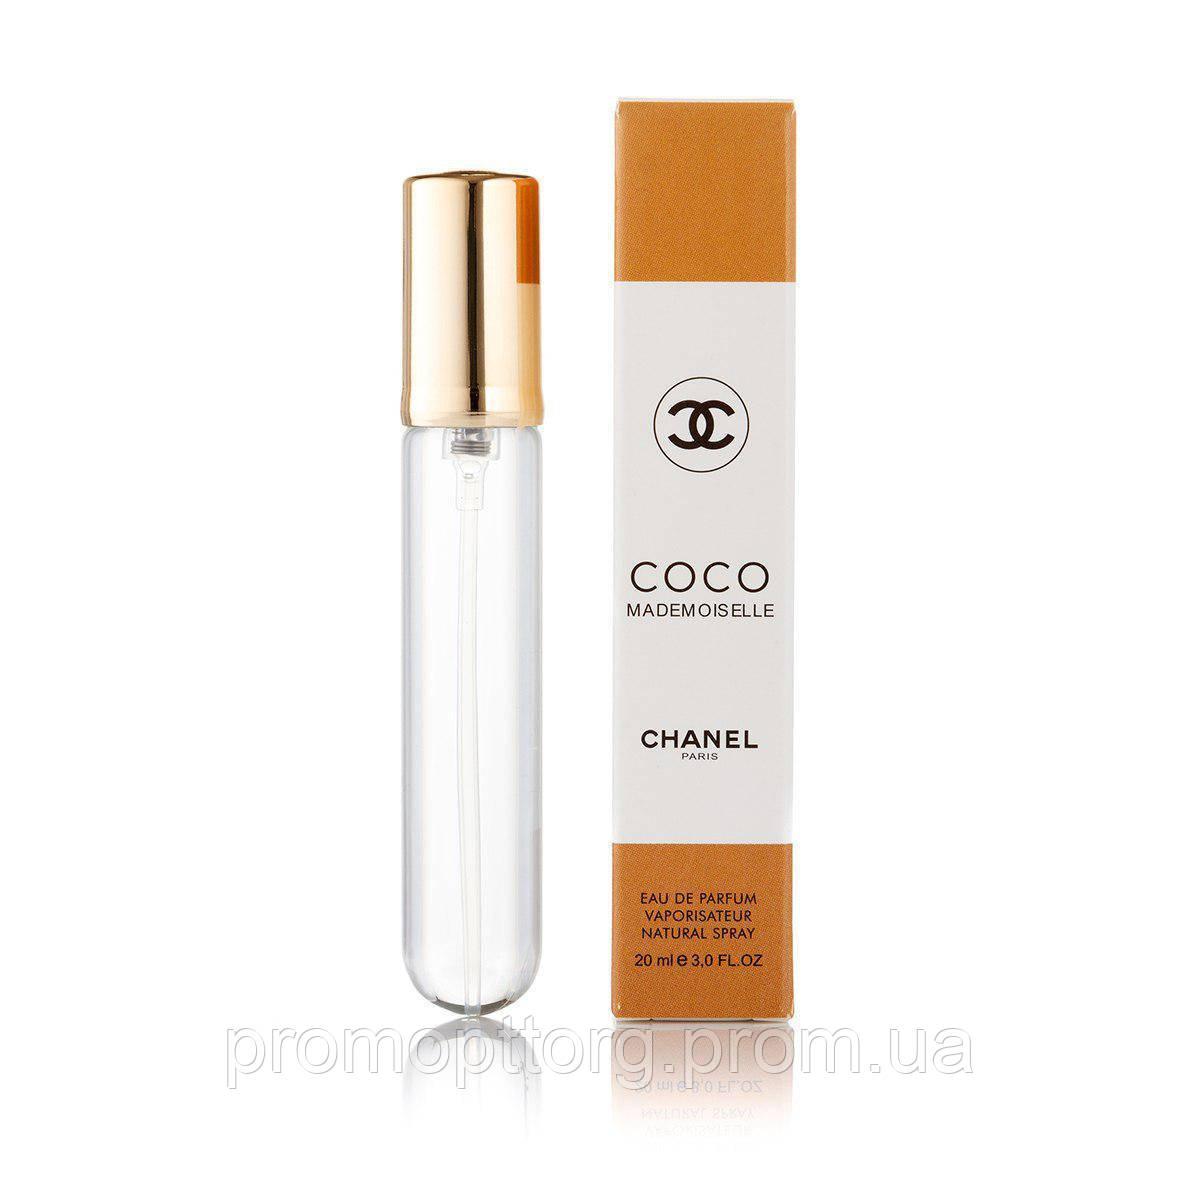 Женский парфюм Coco Chanel Mademoiselle минипарфюм 20 ml (реплика)